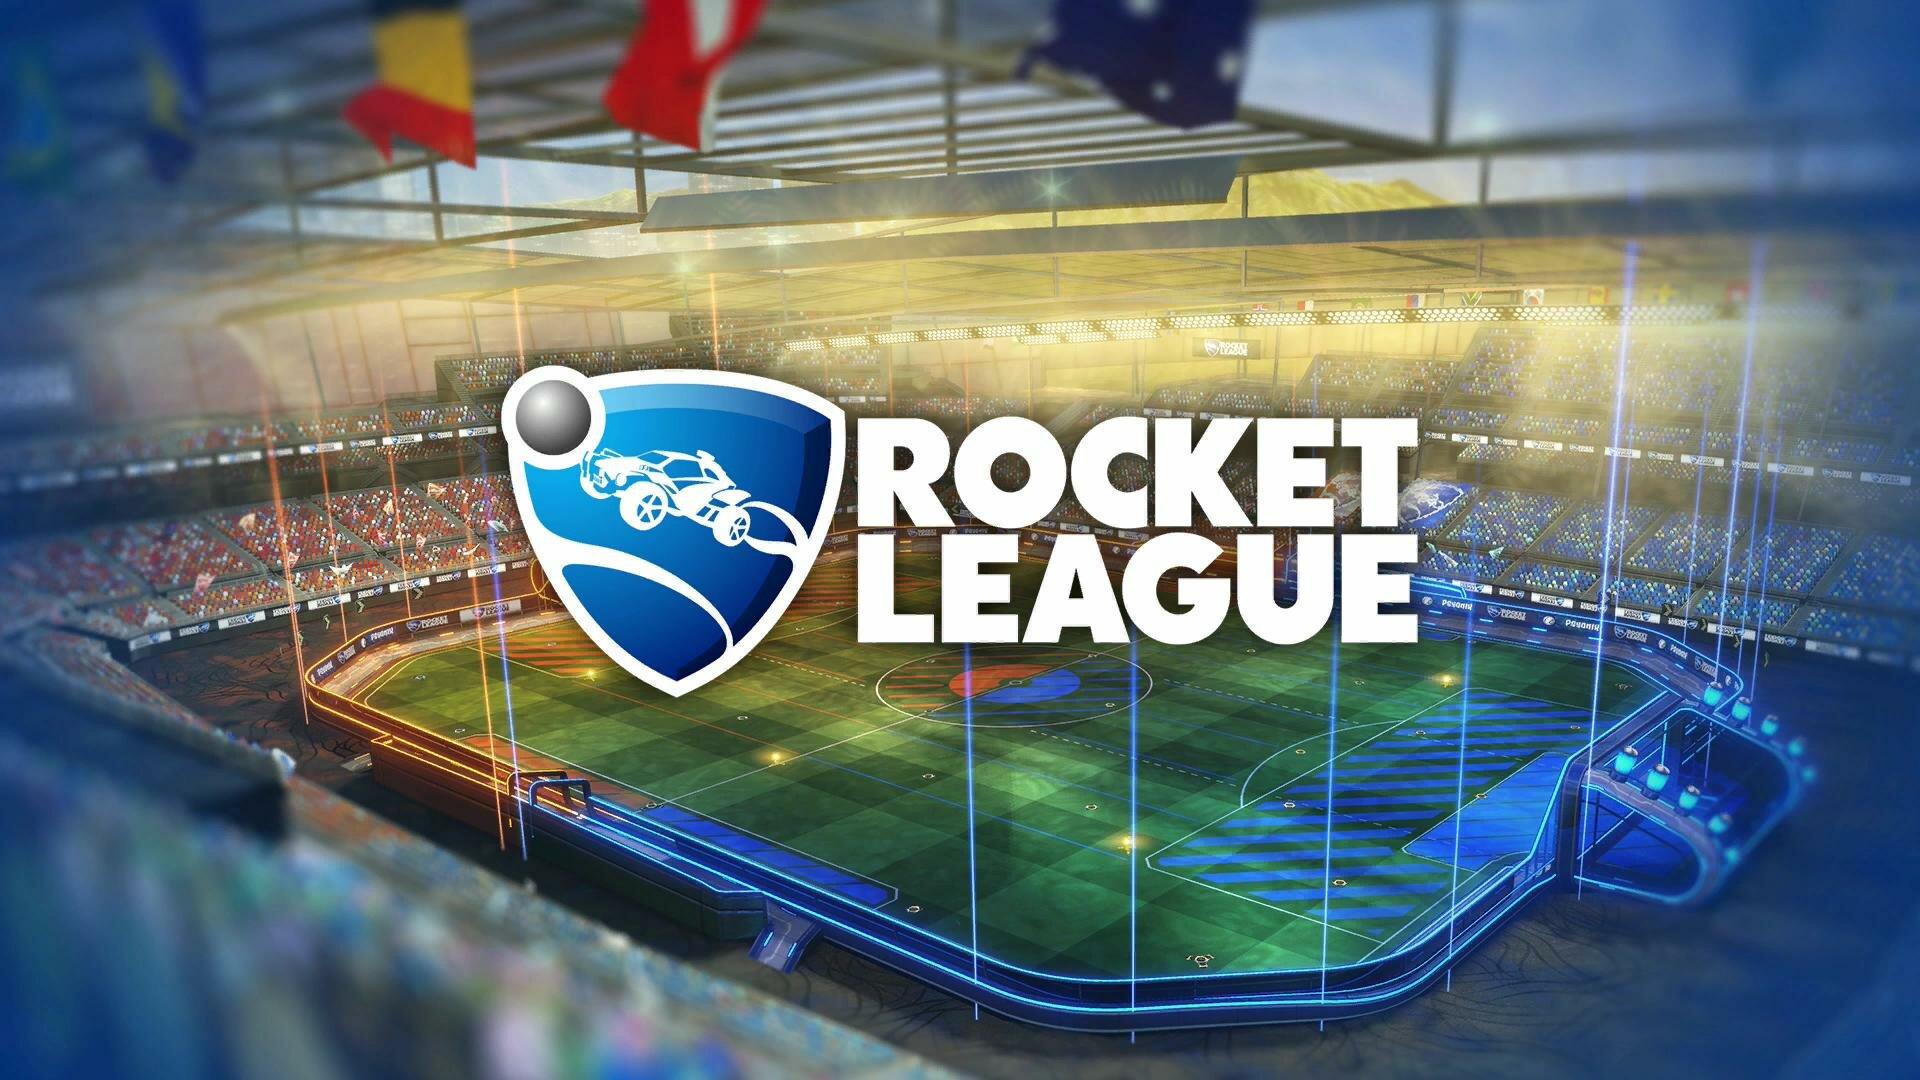 Rocket League – Resmi Türkçe Yama Projesi